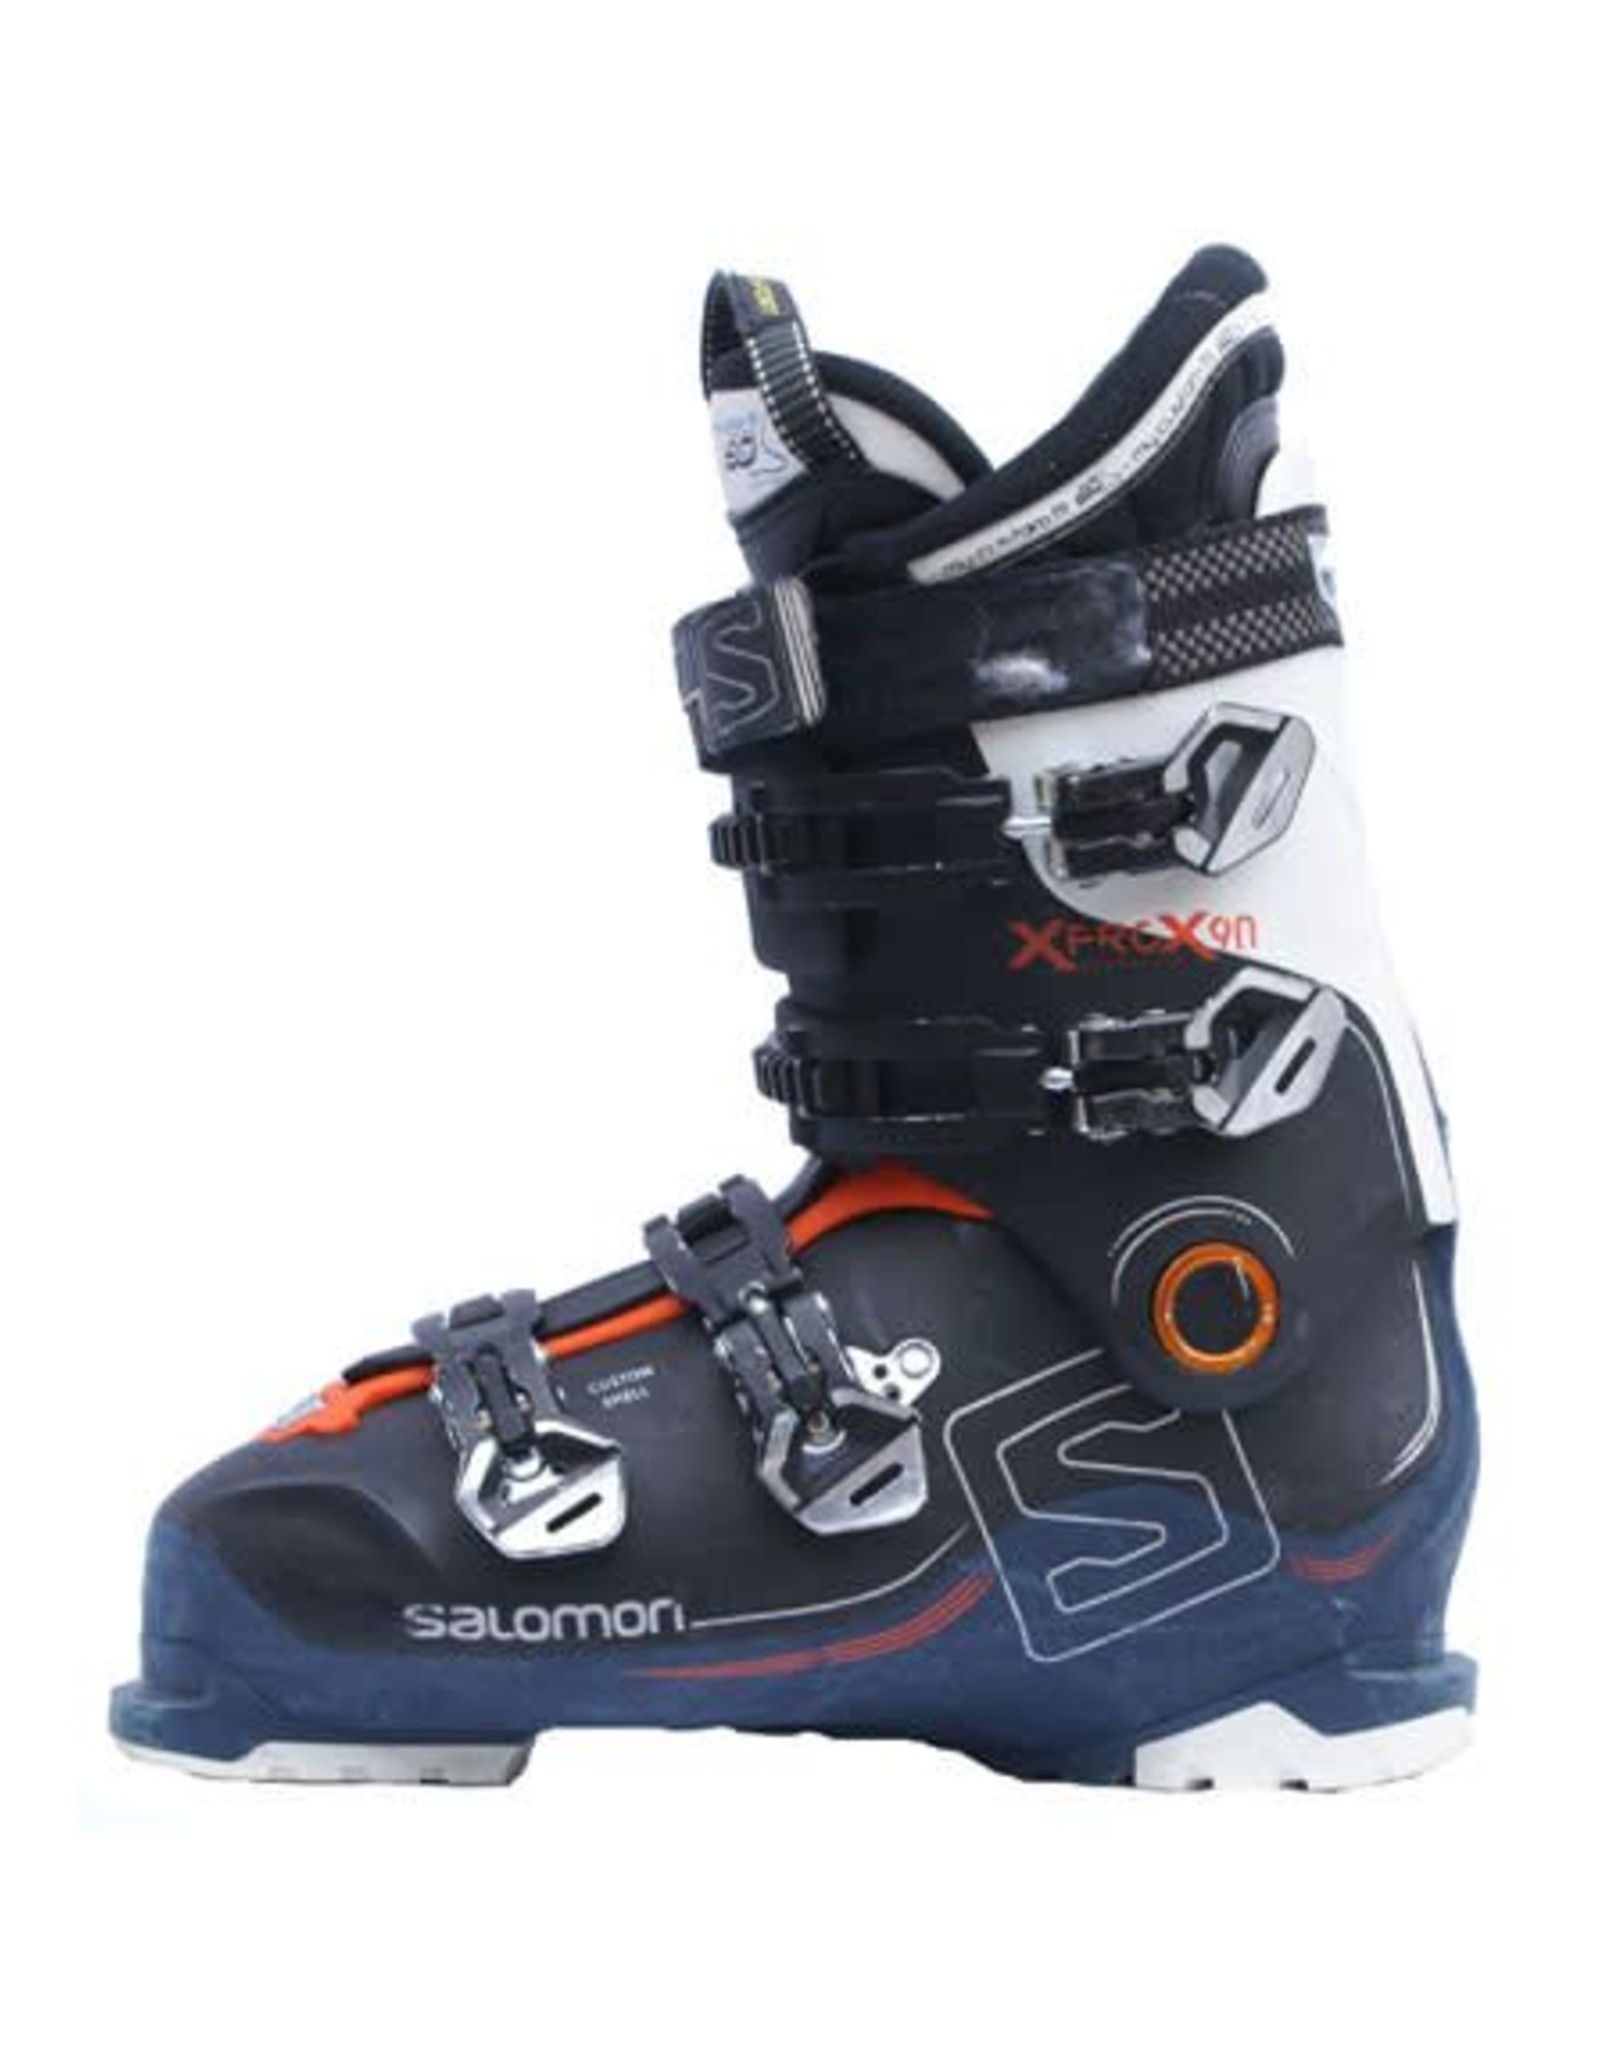 SALOMON Skischoenen SALOMON Xpro X90 CS Gebruikt